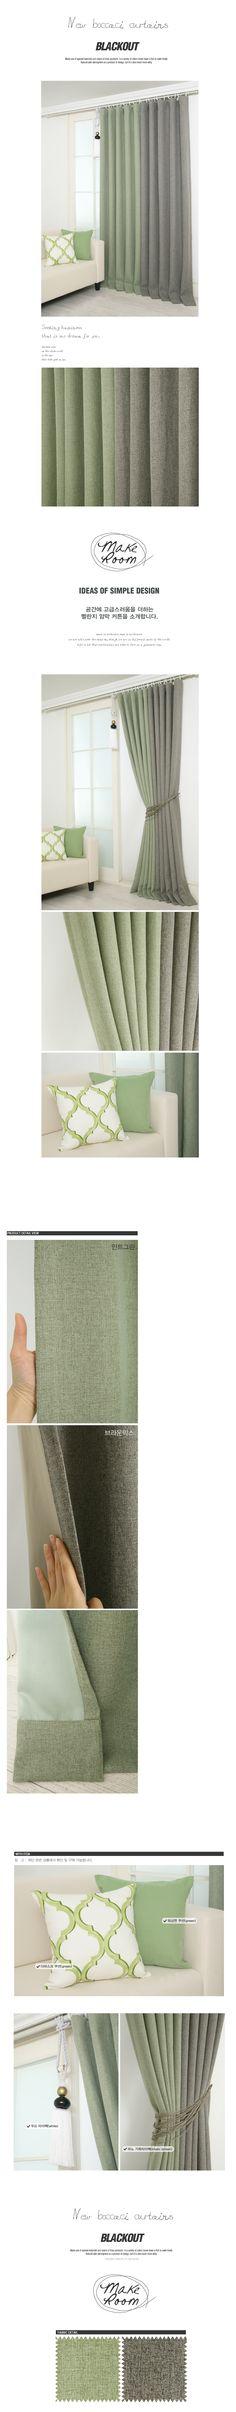 메이크룸 [멜란지 암막커튼(mint green&brown mix)]